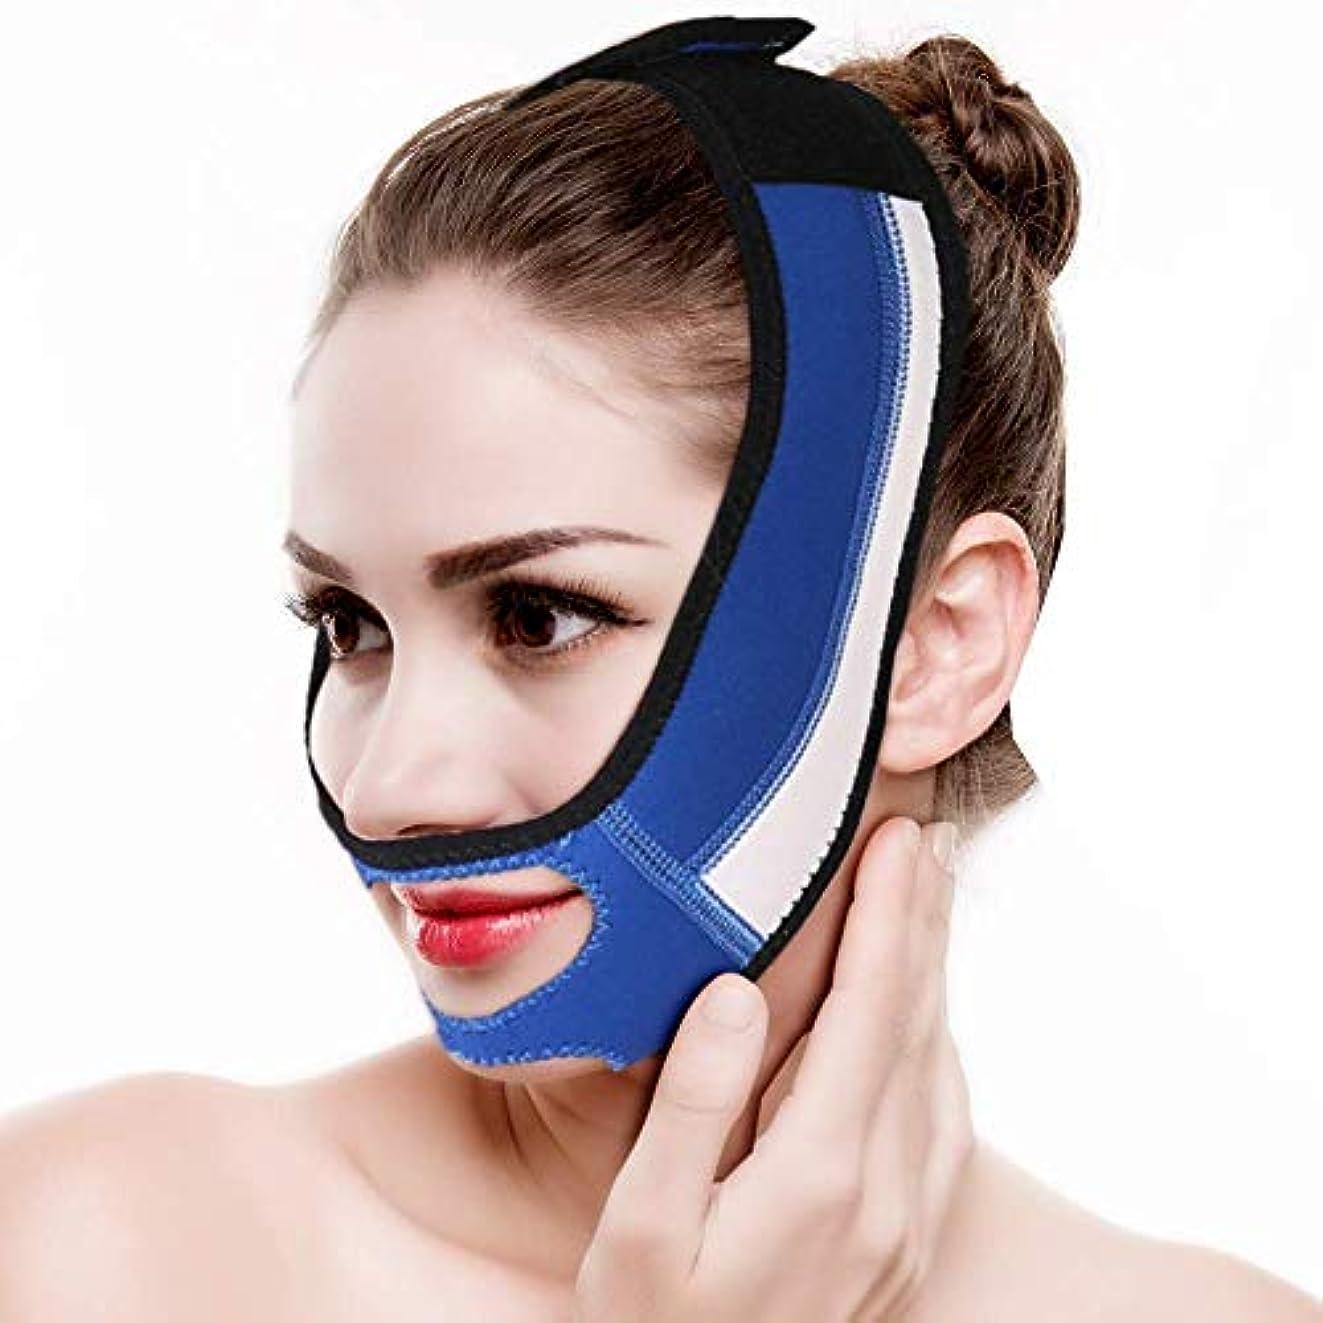 フェイススリミングチークマスク、フェイススリムリフティングアップスキンバンデージダブルチンを締めます